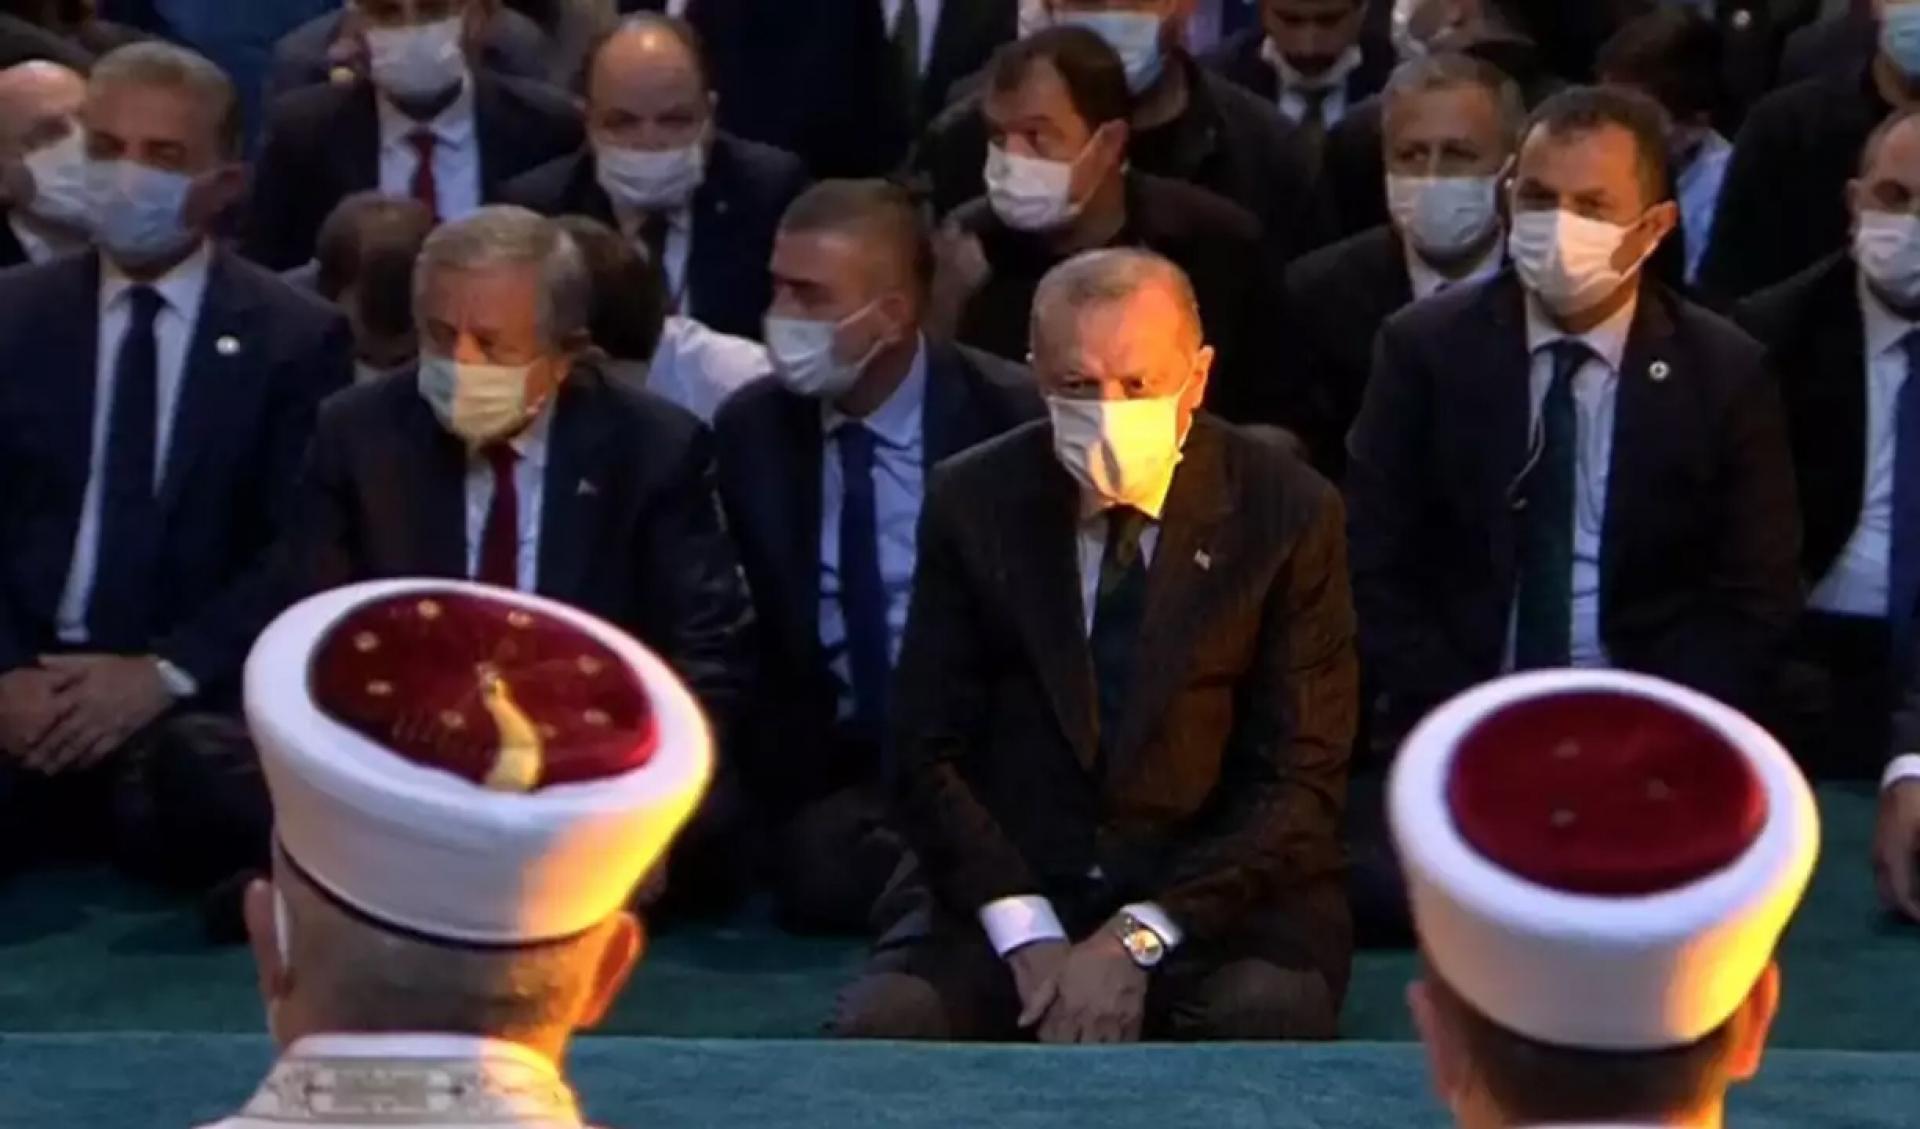 """ΕΙΚΟΝΕΣ – ΣΟΚ! Η στιγμή που οι μουεζίνηδες καλούν σε προσευχή στη Βασιλεύουσα – Ερντογάν: """"Η Αγιά Σοφιά έγινε και πάλι τζαμί"""" (ΒΙΝΤΕΟ)"""